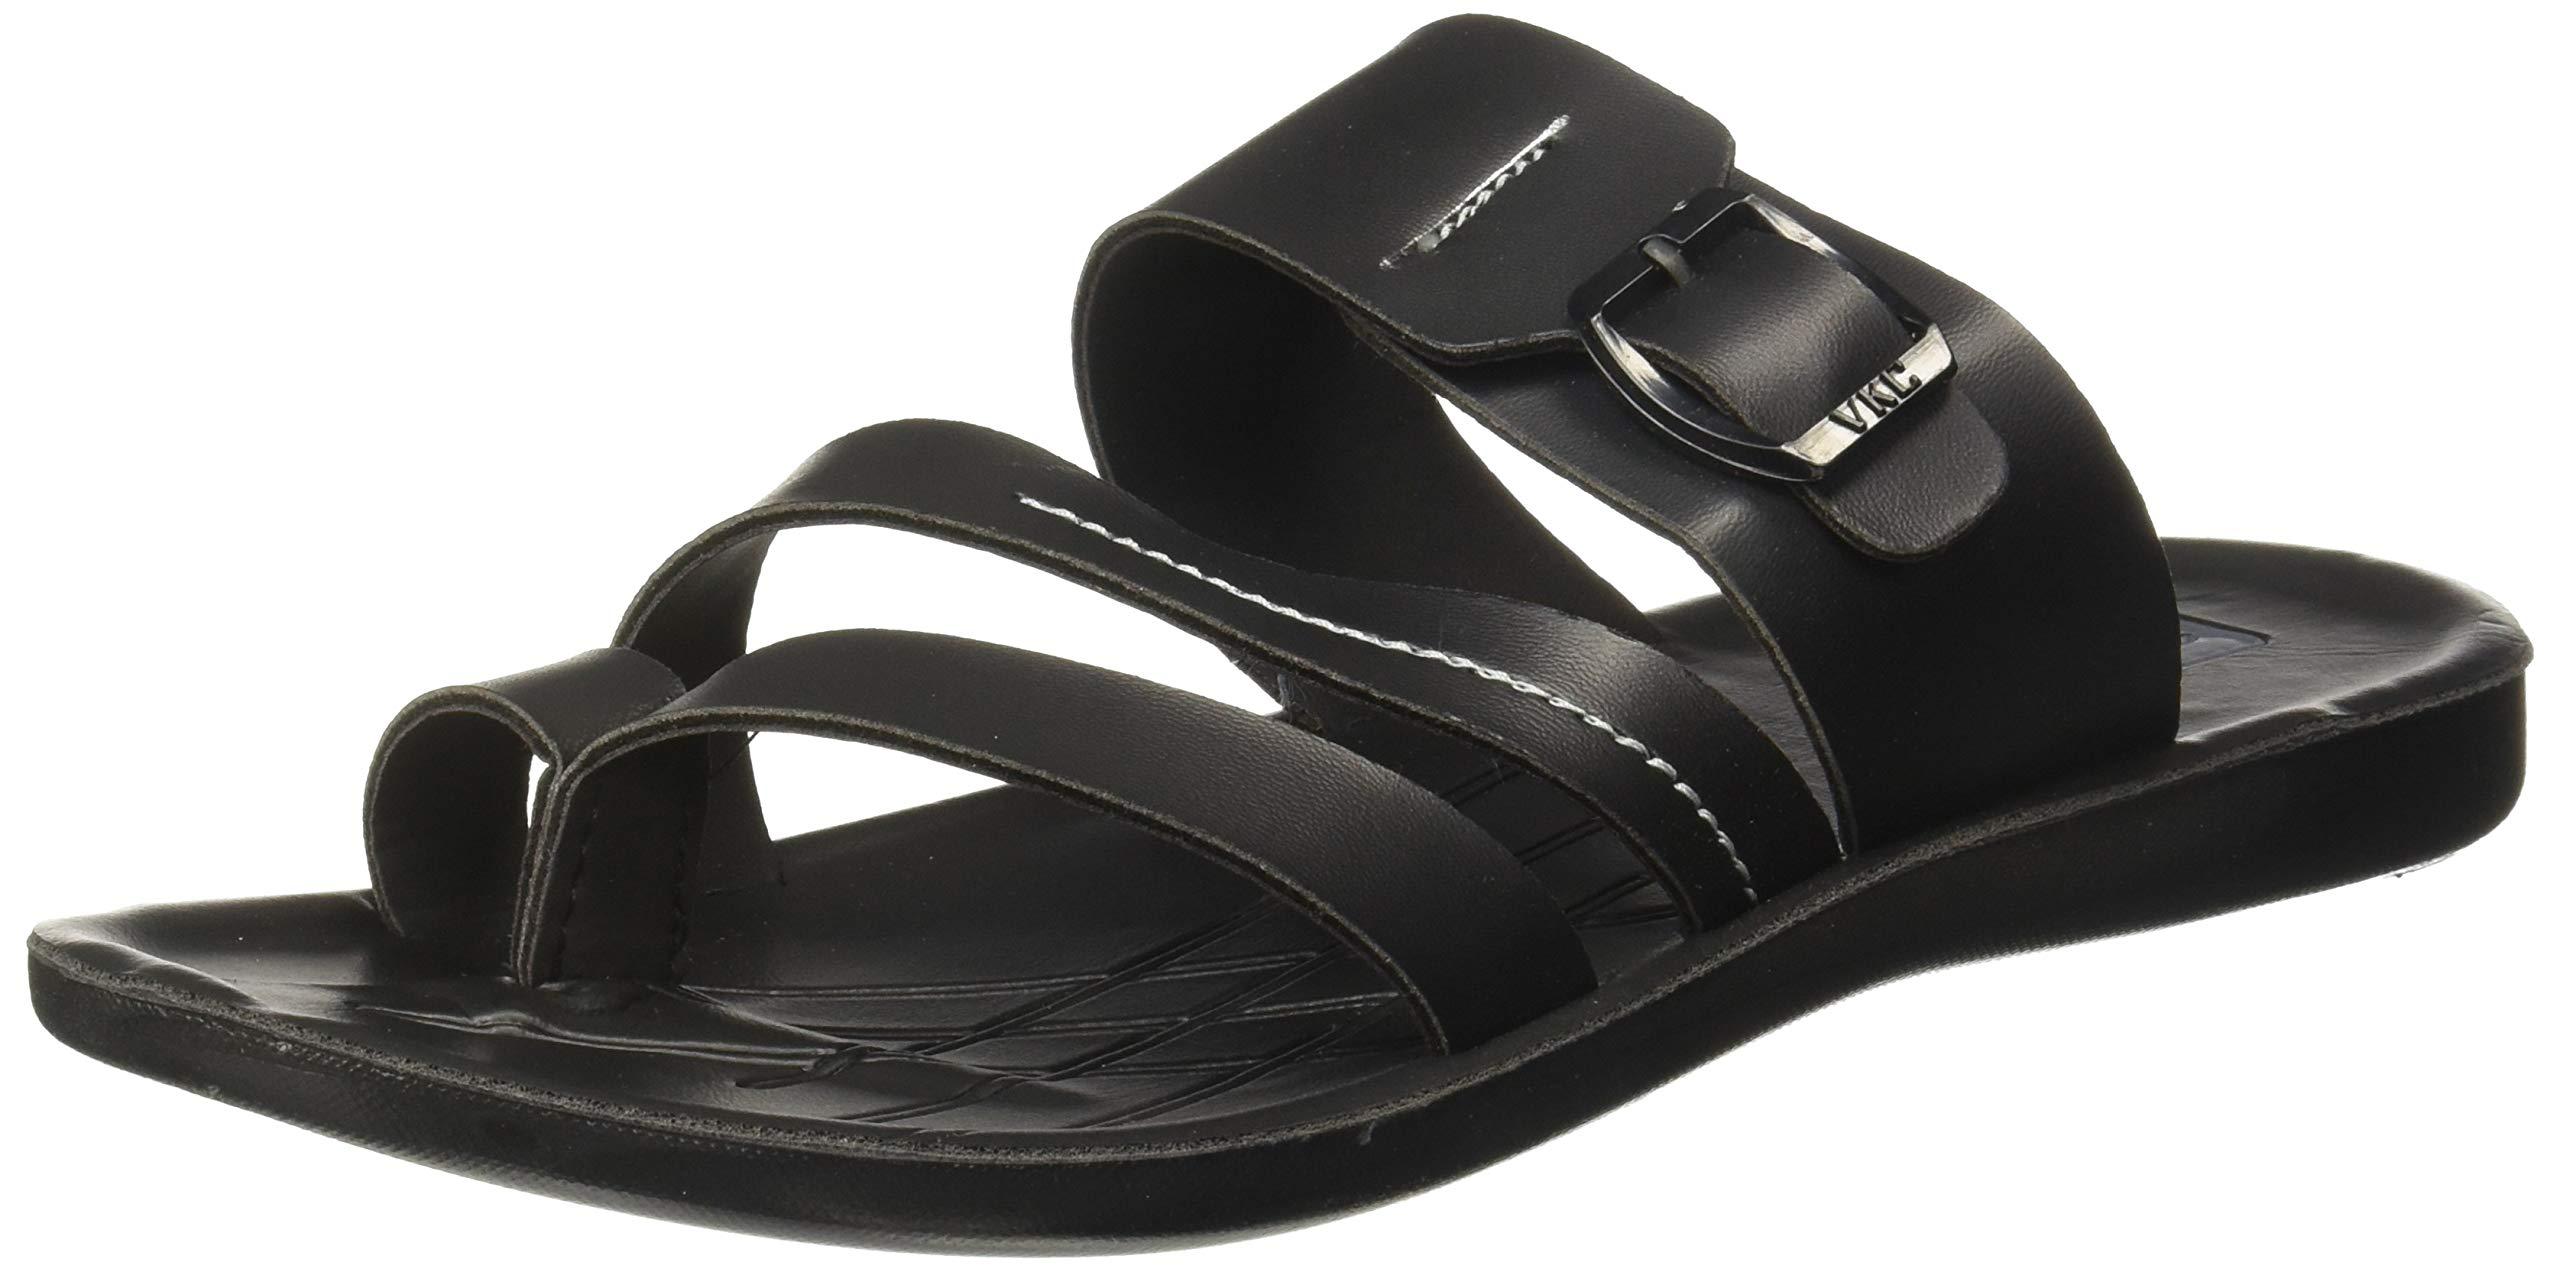 VKC Pride Men's Black Outdoor Sandals-6